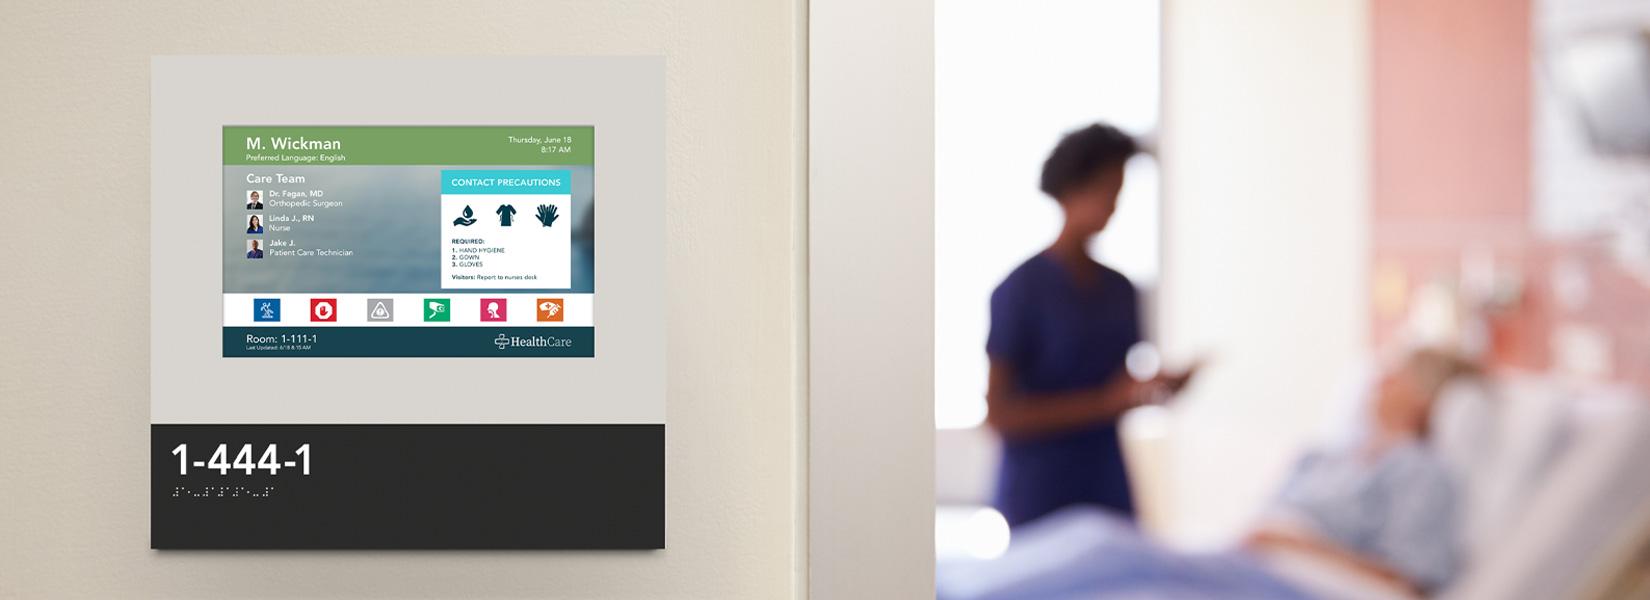 Digital Door Signs